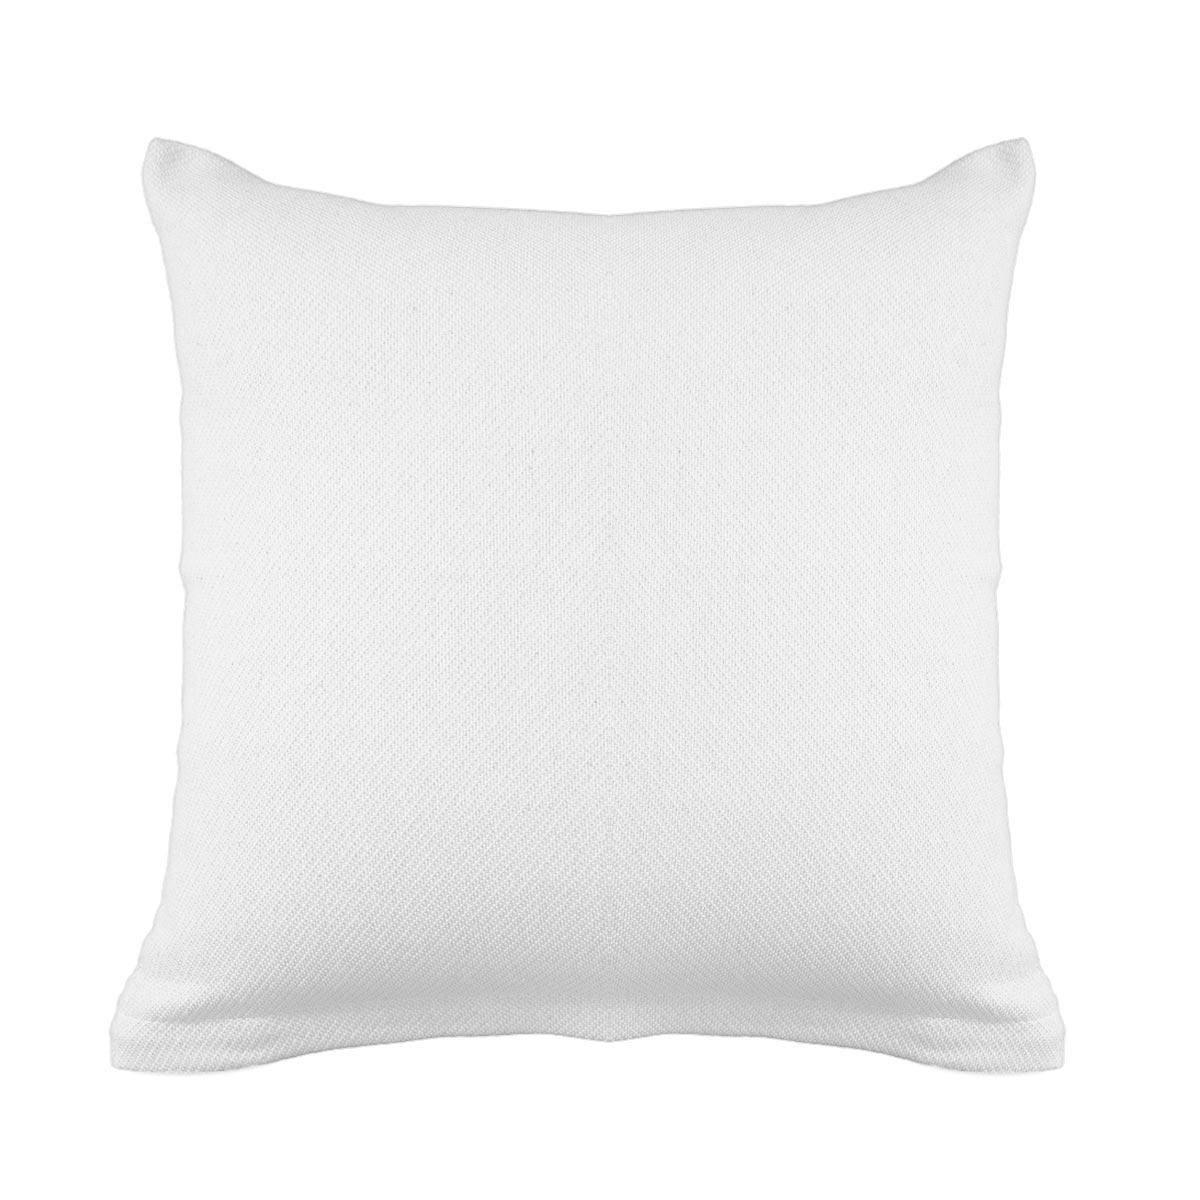 Διακοσμητική Μαξιλαροθήκη (45×45) Ravelia Pure White